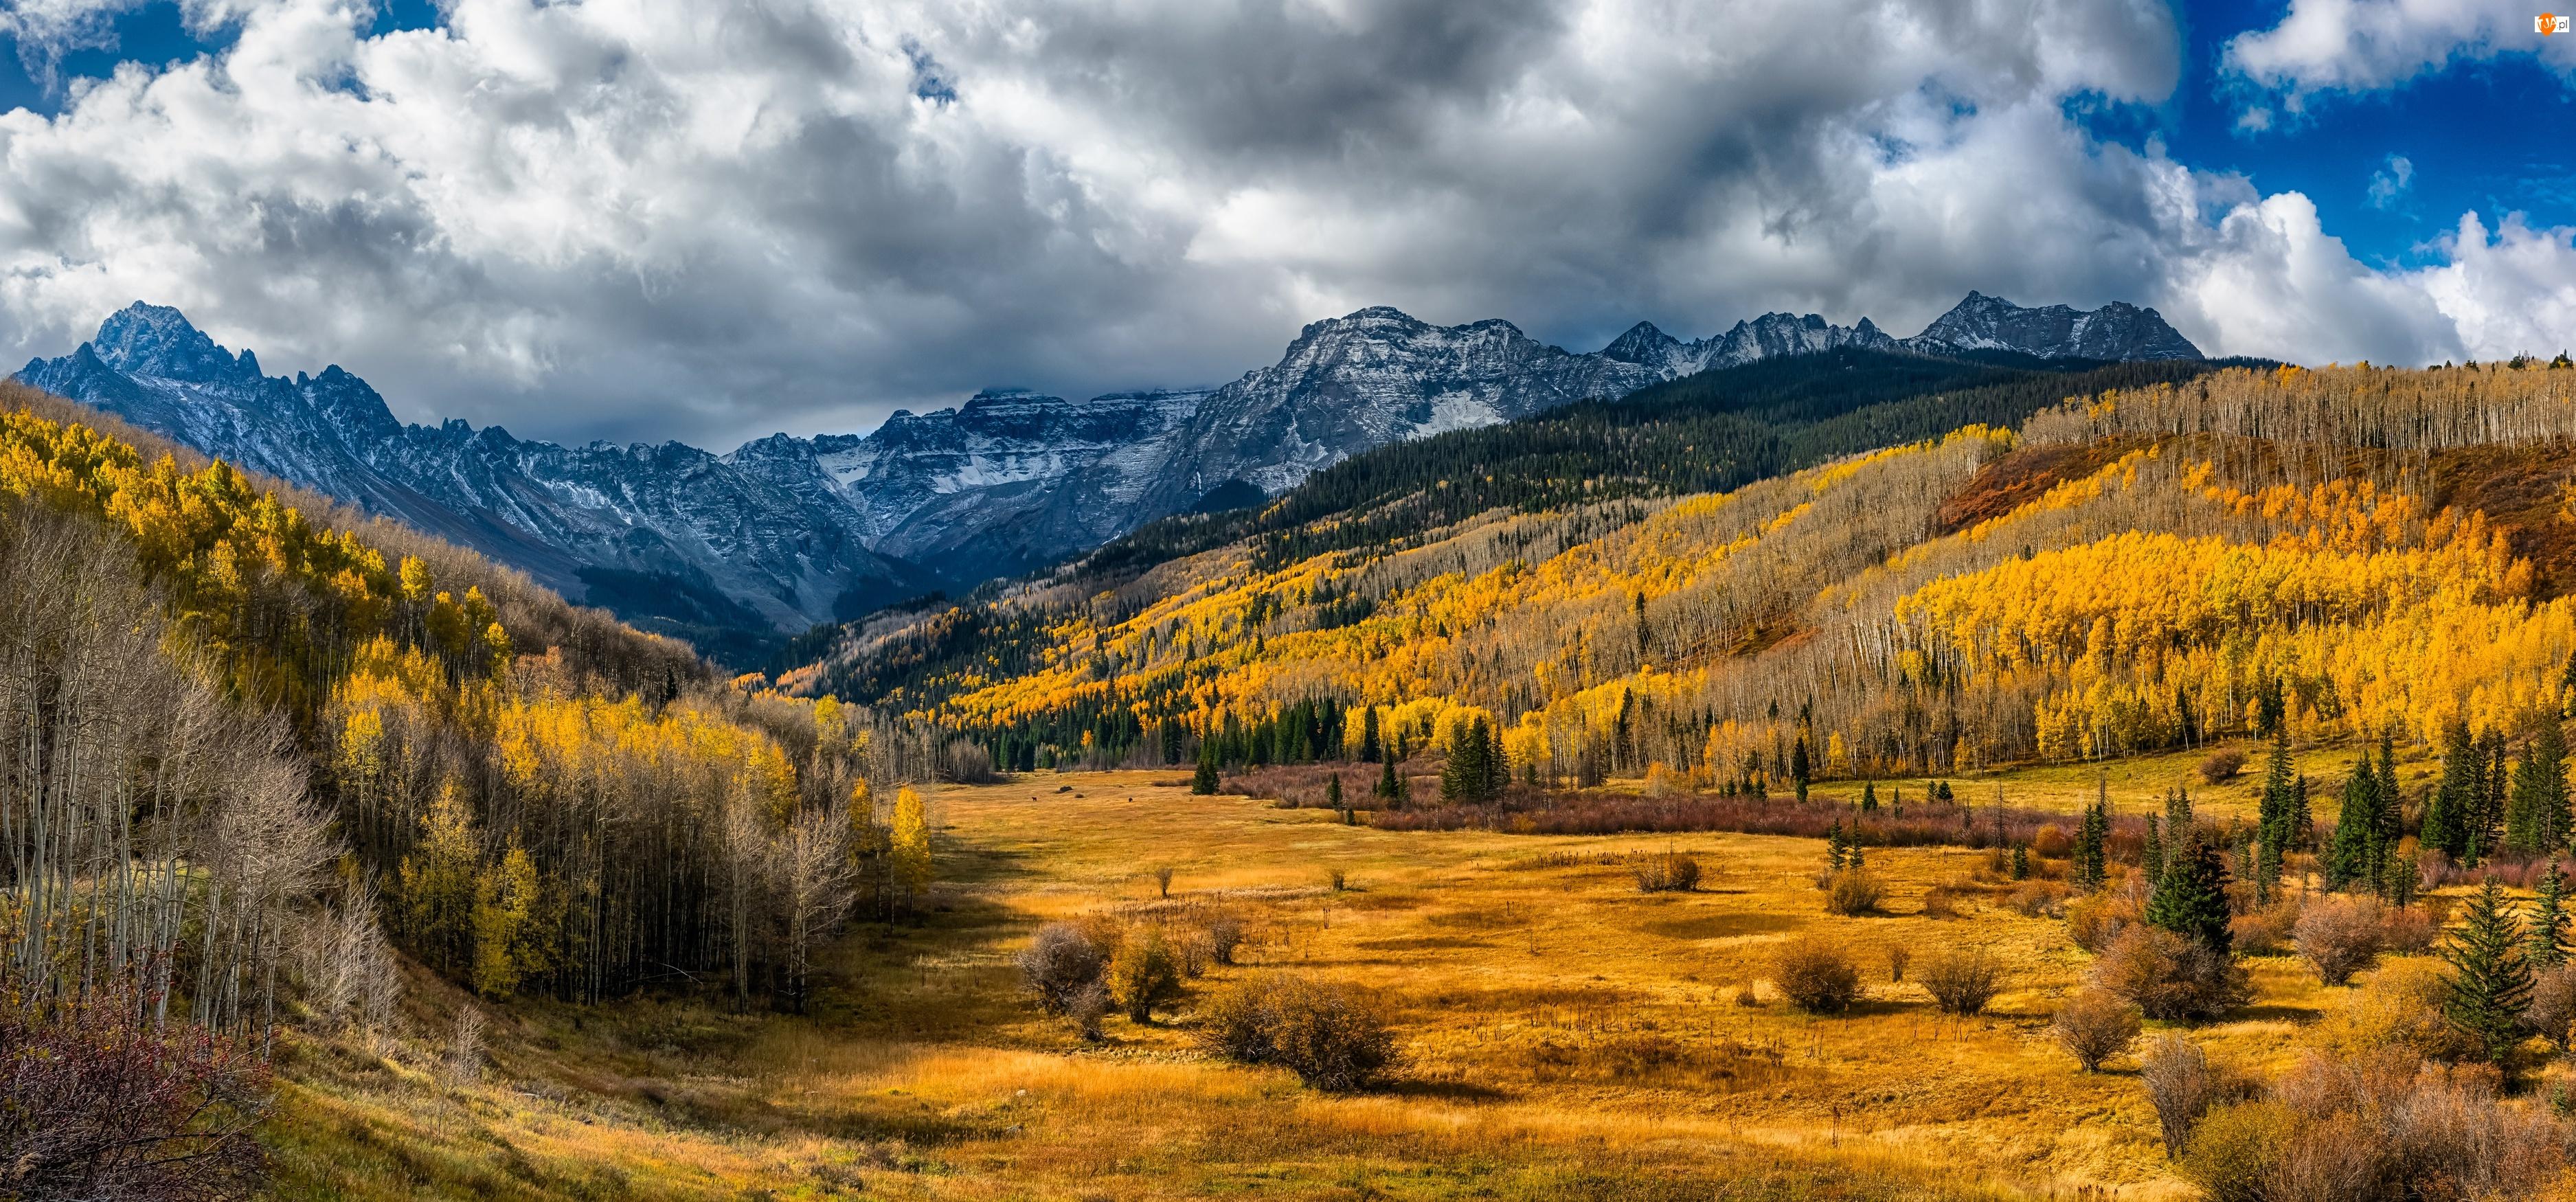 Wzgórza, Drzewa, Jesień, Chmury, Góry, Las